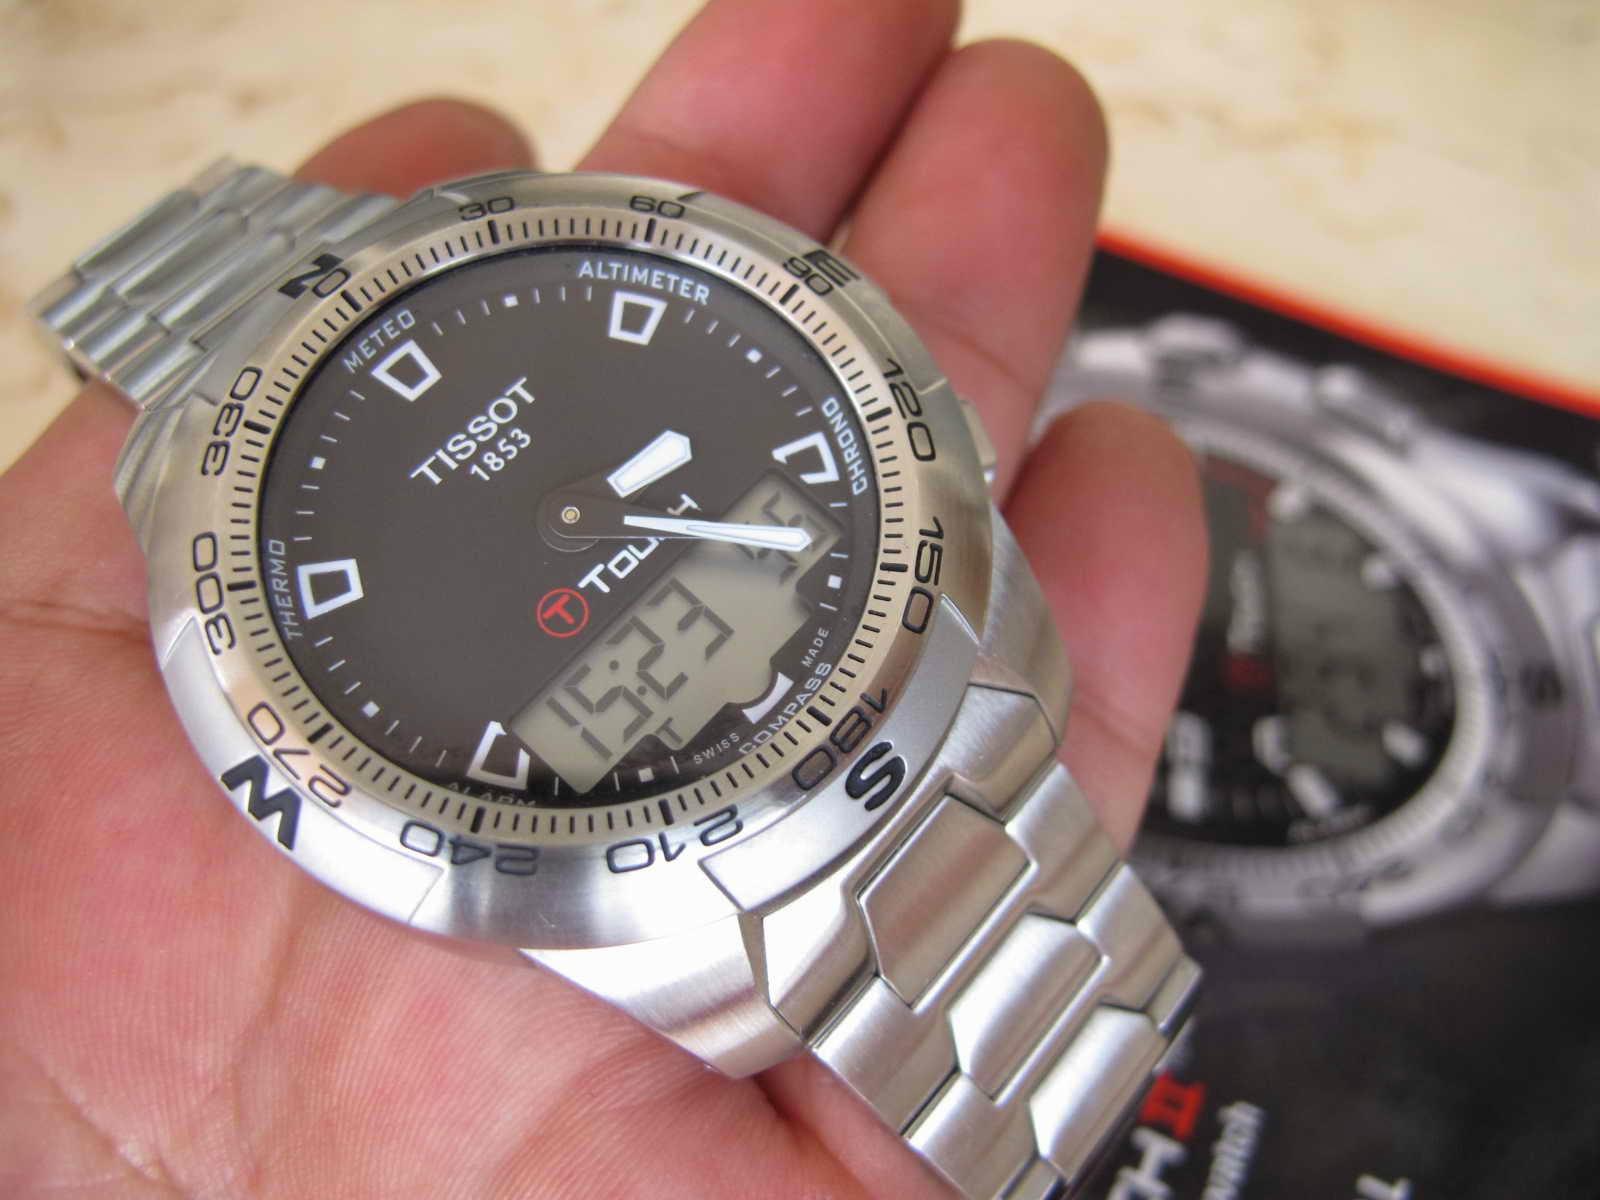 Cocok untuk Anda yang sedang mencari jam tangan teknologi tinggi dengan layar sentuh Touch Screen Nice and good TISSOT T Touch II